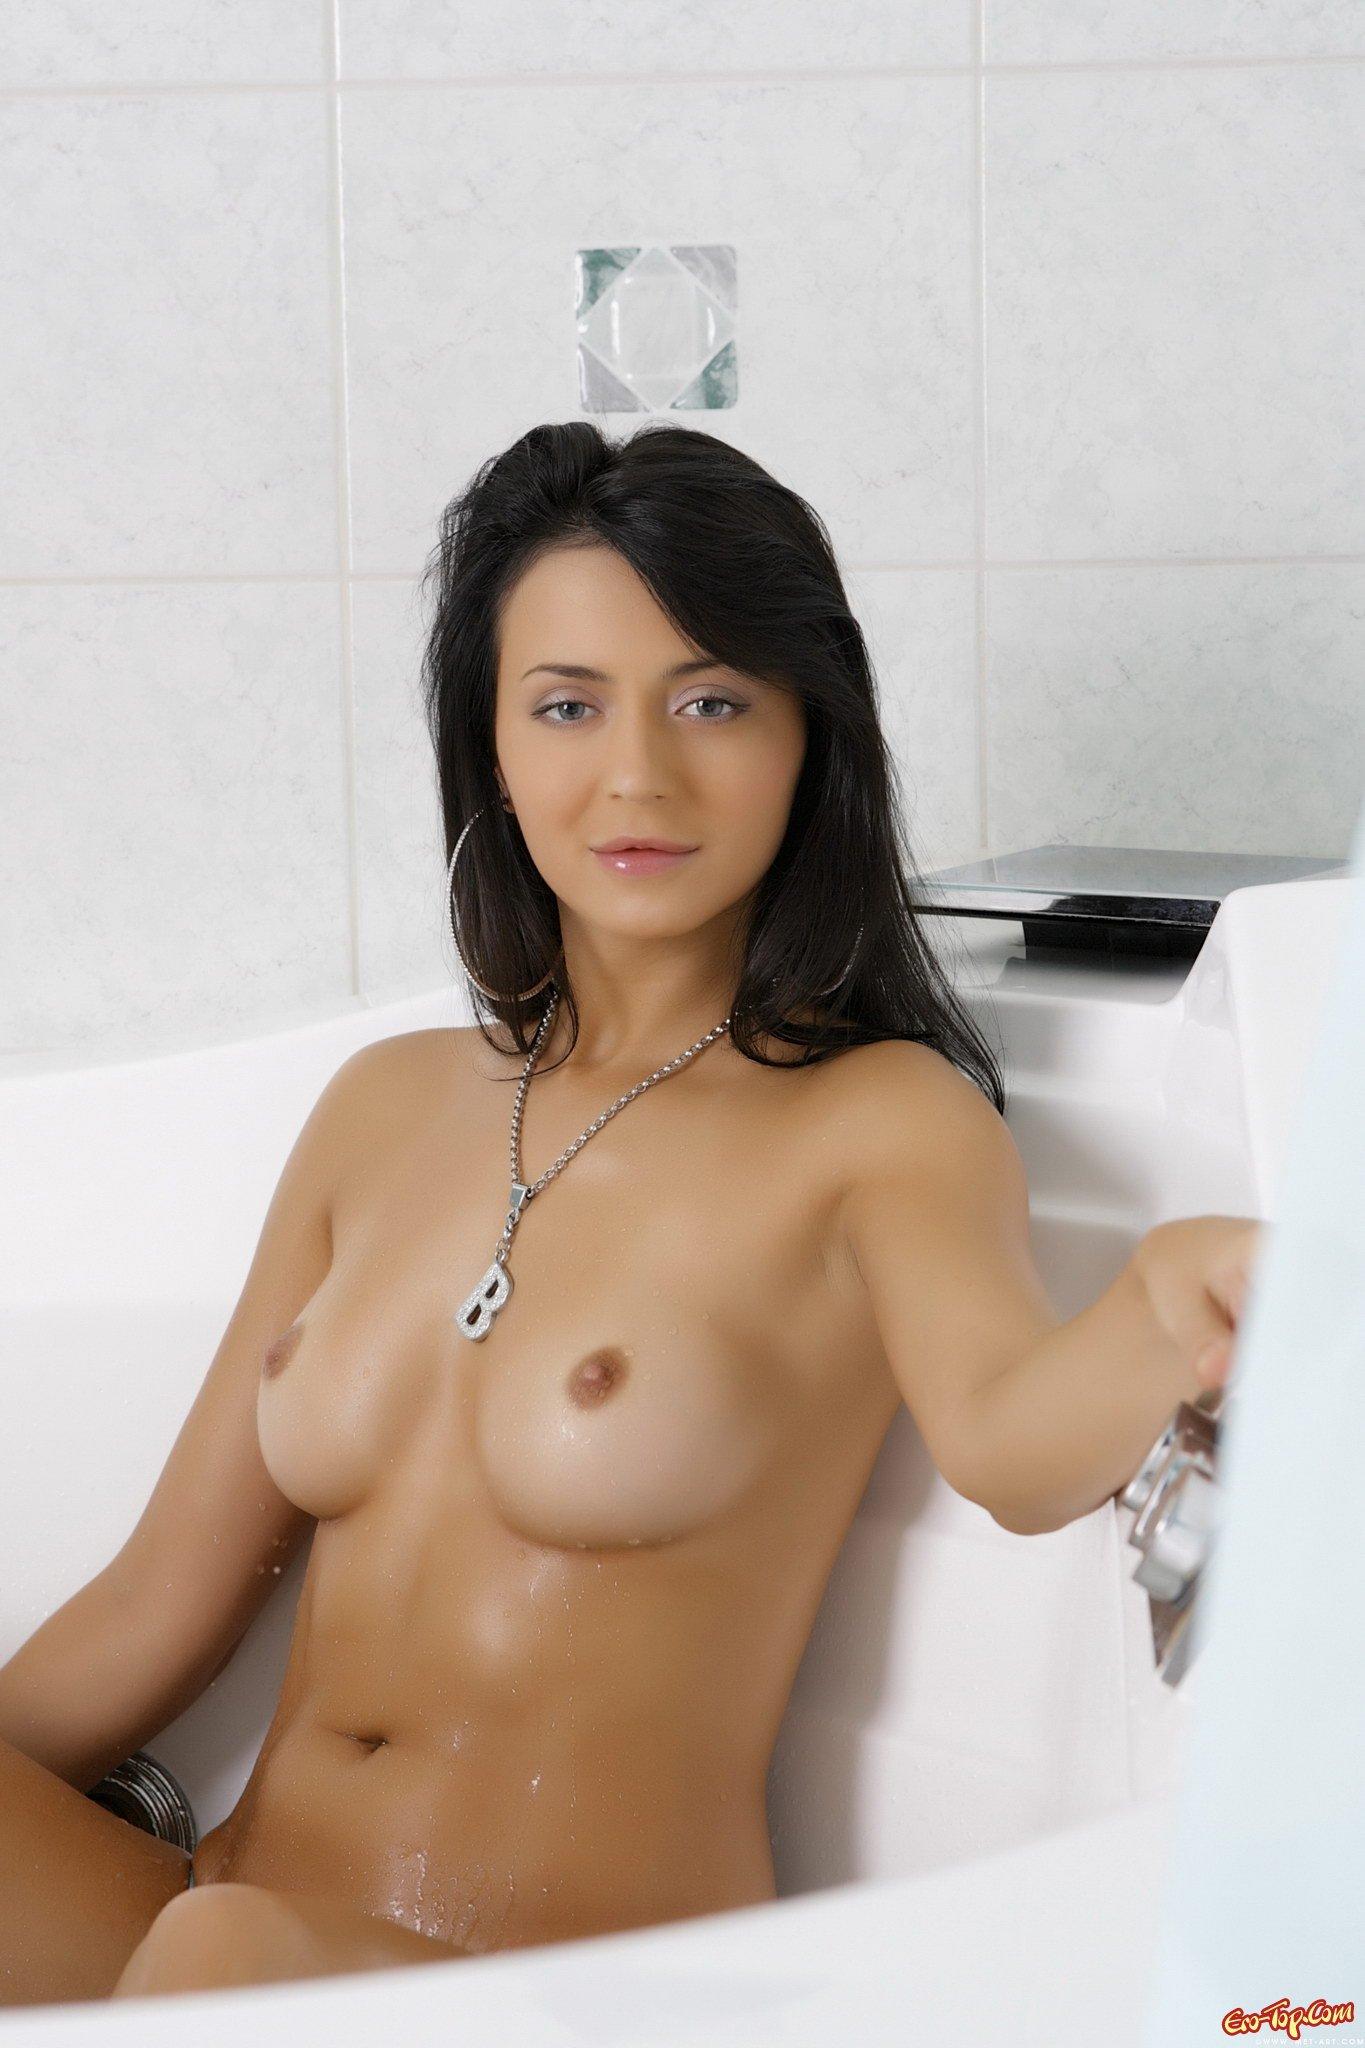 Мокрые сиськи секс фото